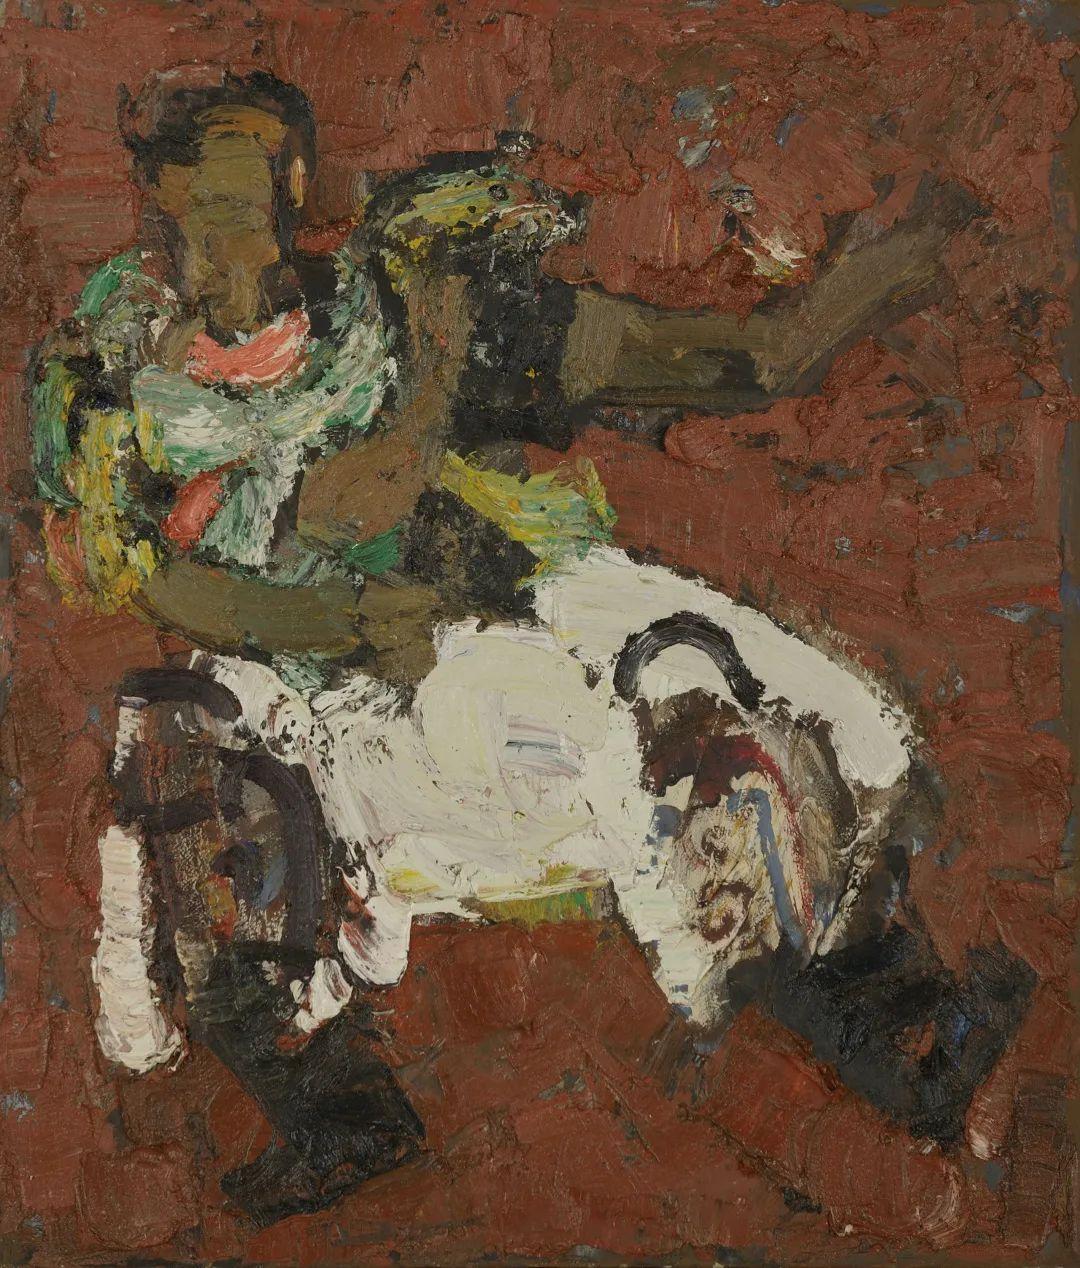 身边的名家|砂金的油画写生 第7张 身边的名家|砂金的油画写生 蒙古画廊